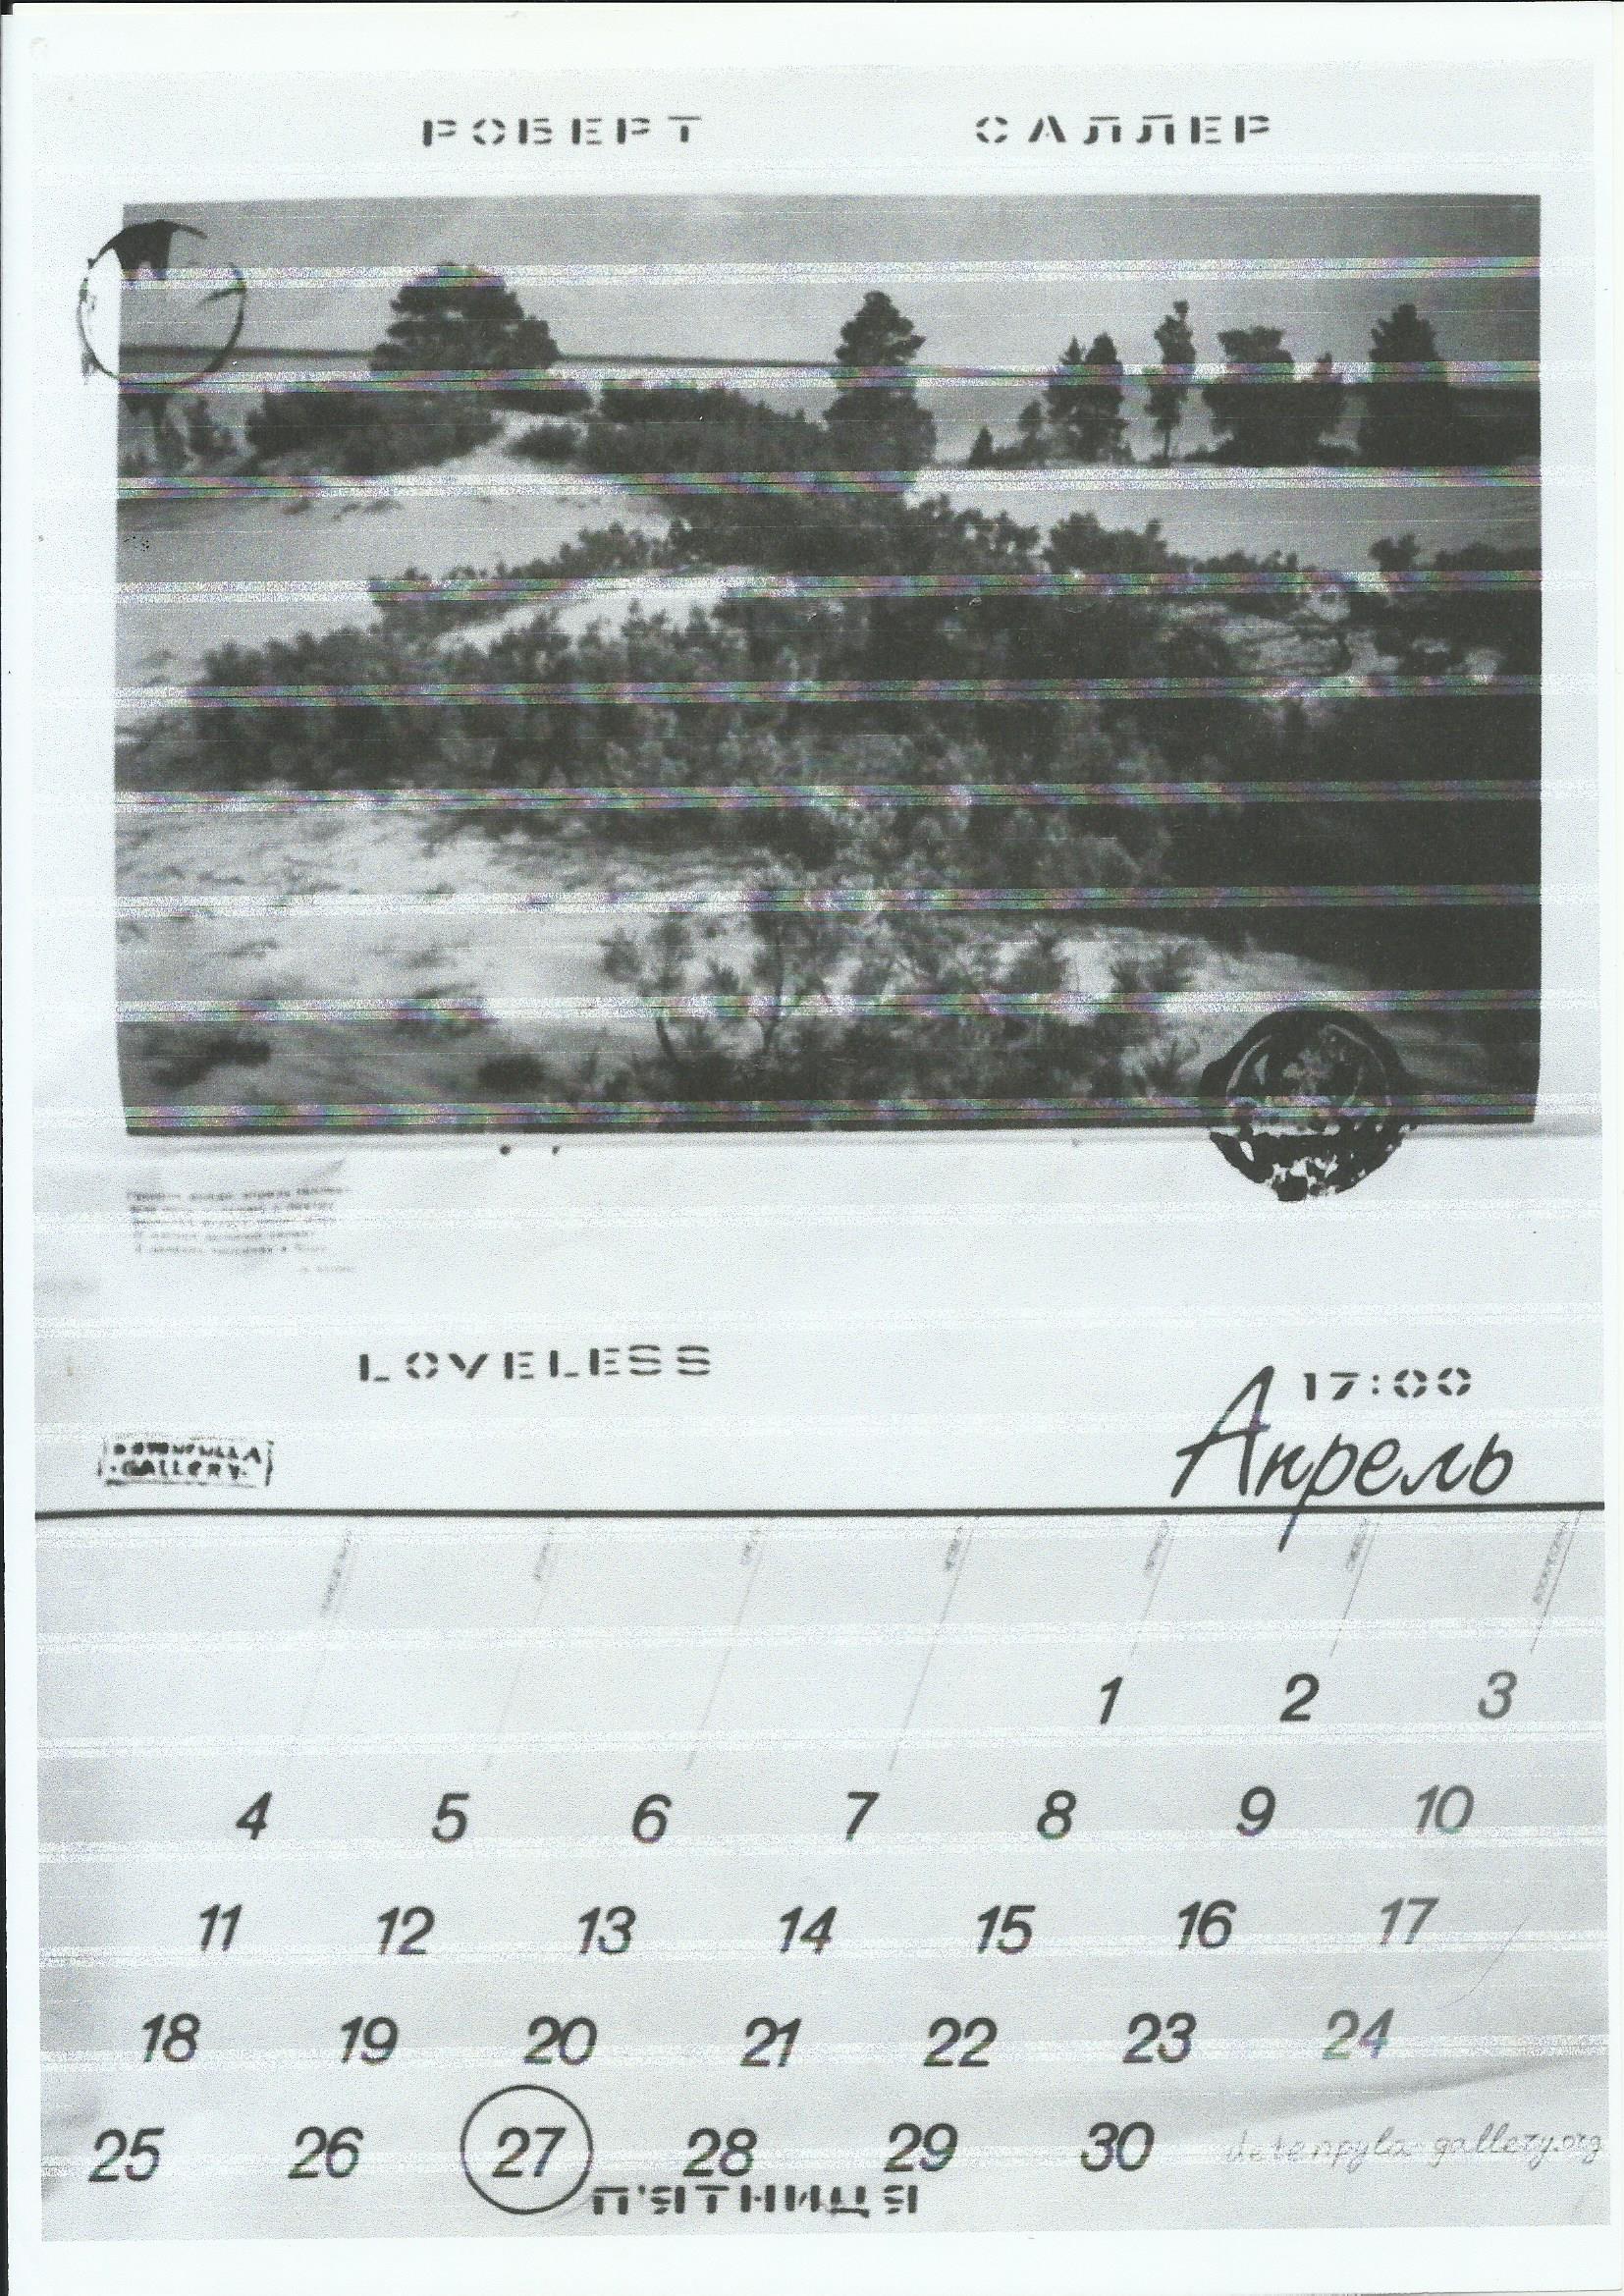 Афіша до виставки Роберта Саллера Loveless. Автор плакату Станіслав Туріна